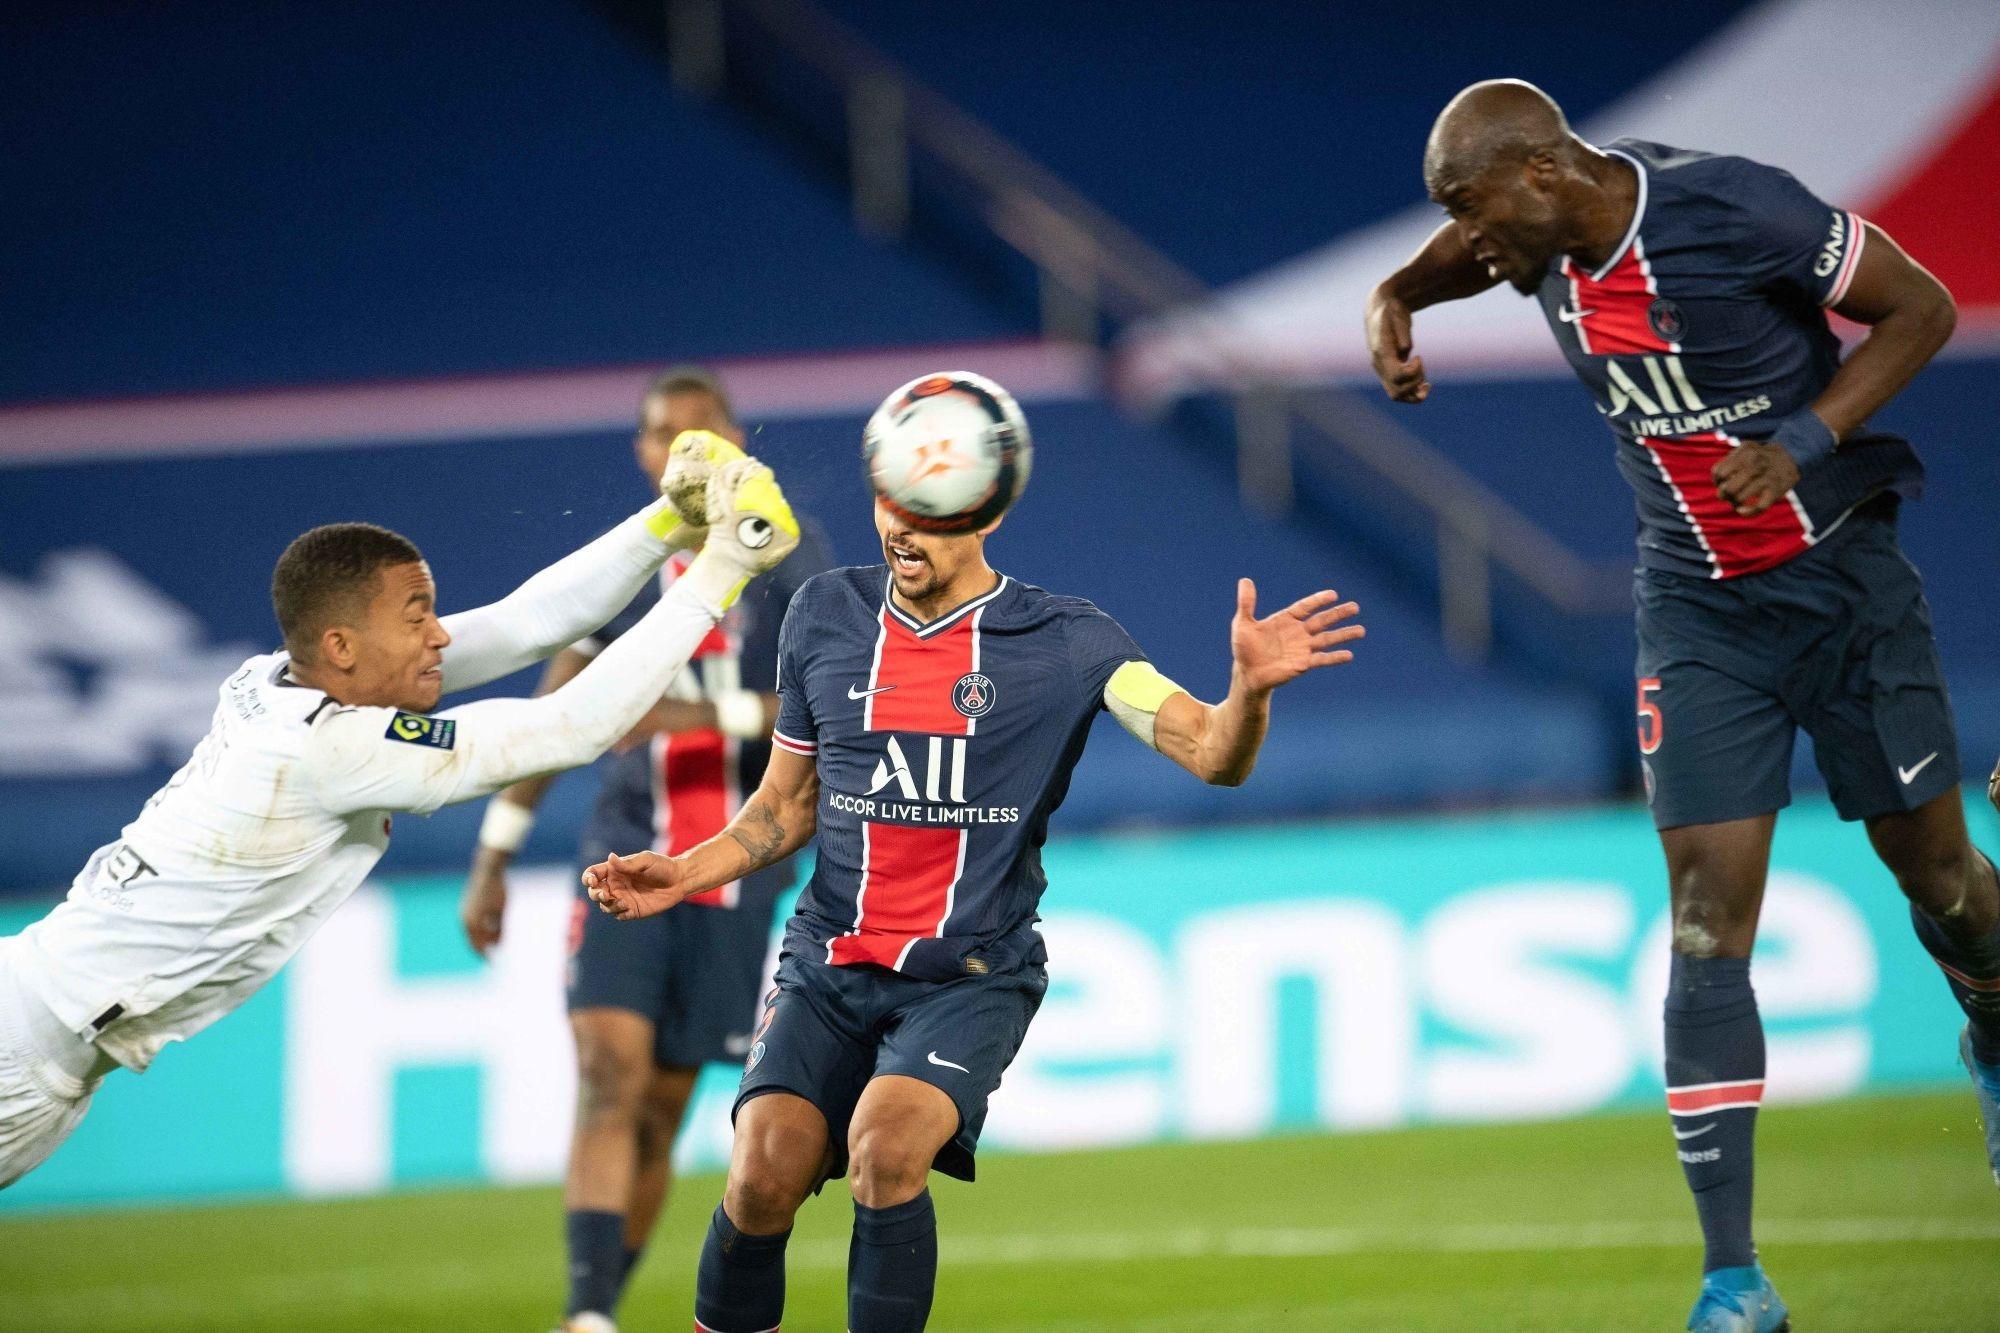 Ligue 1 - Aucun joueur du PSG dans l'équipe-type de la 29e journée de L'Equipe